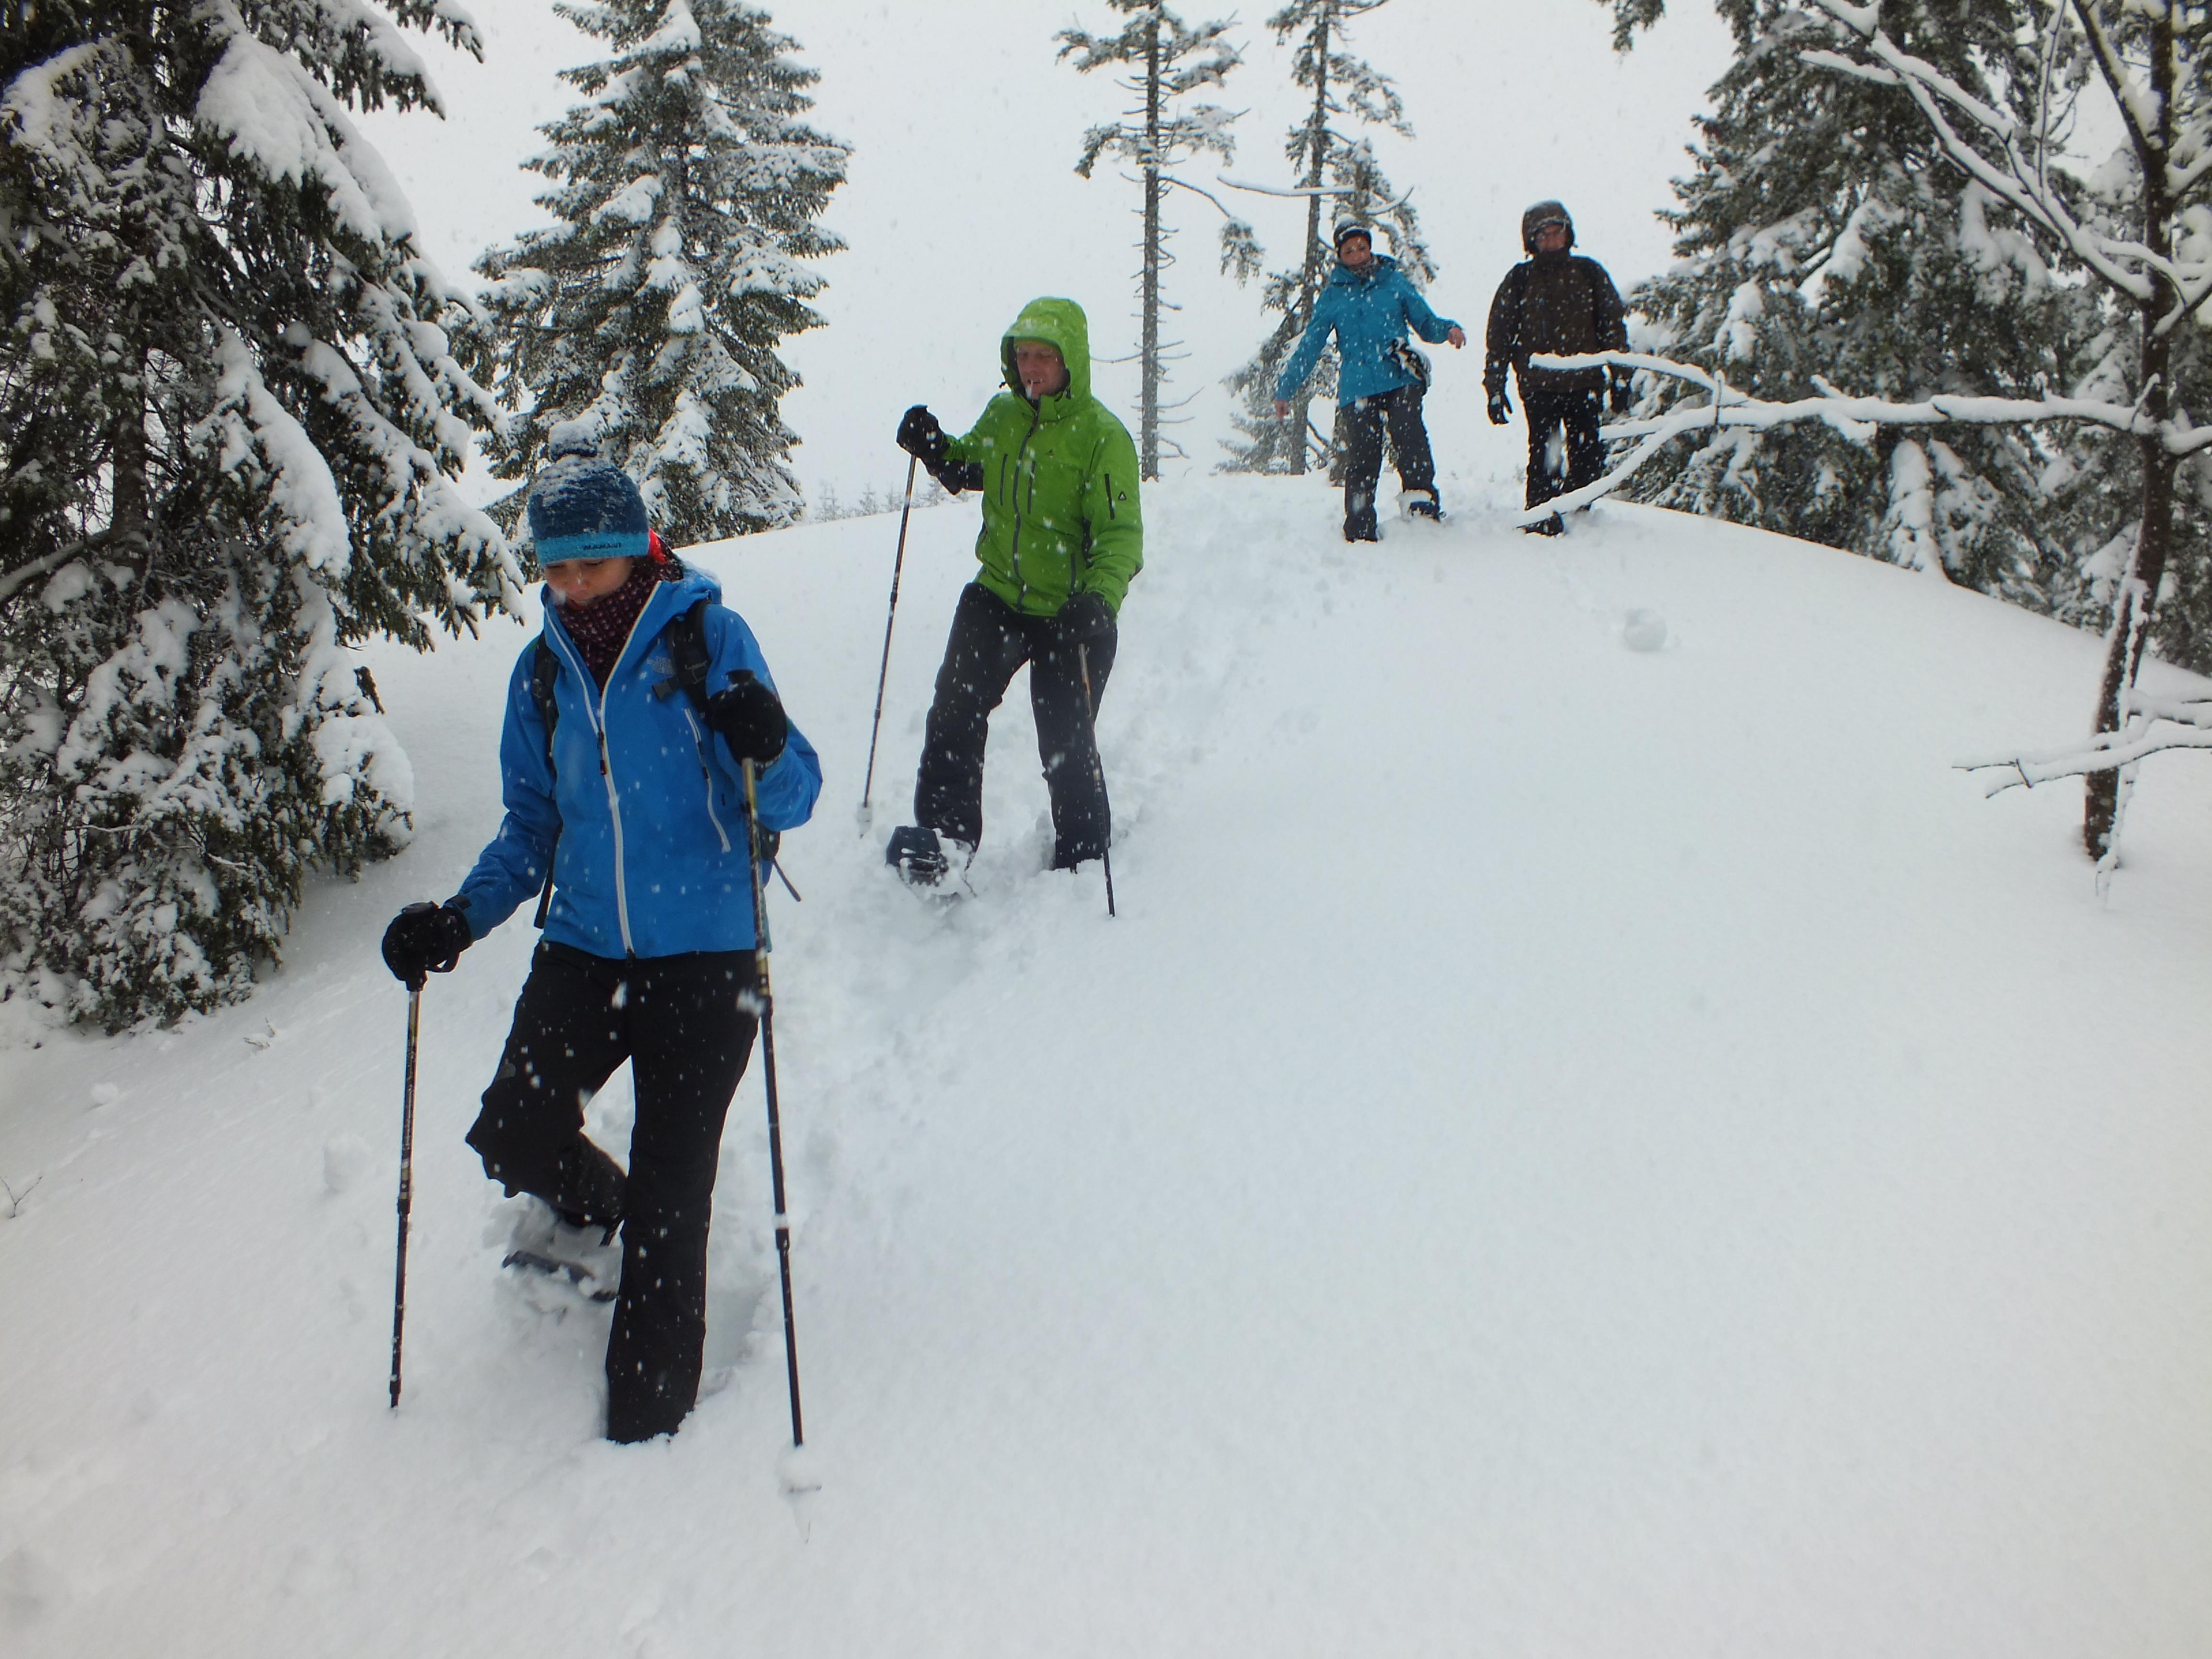 Klettersteig Schwarzwald : Todtnauer klettersteig schwarzwald outdoor